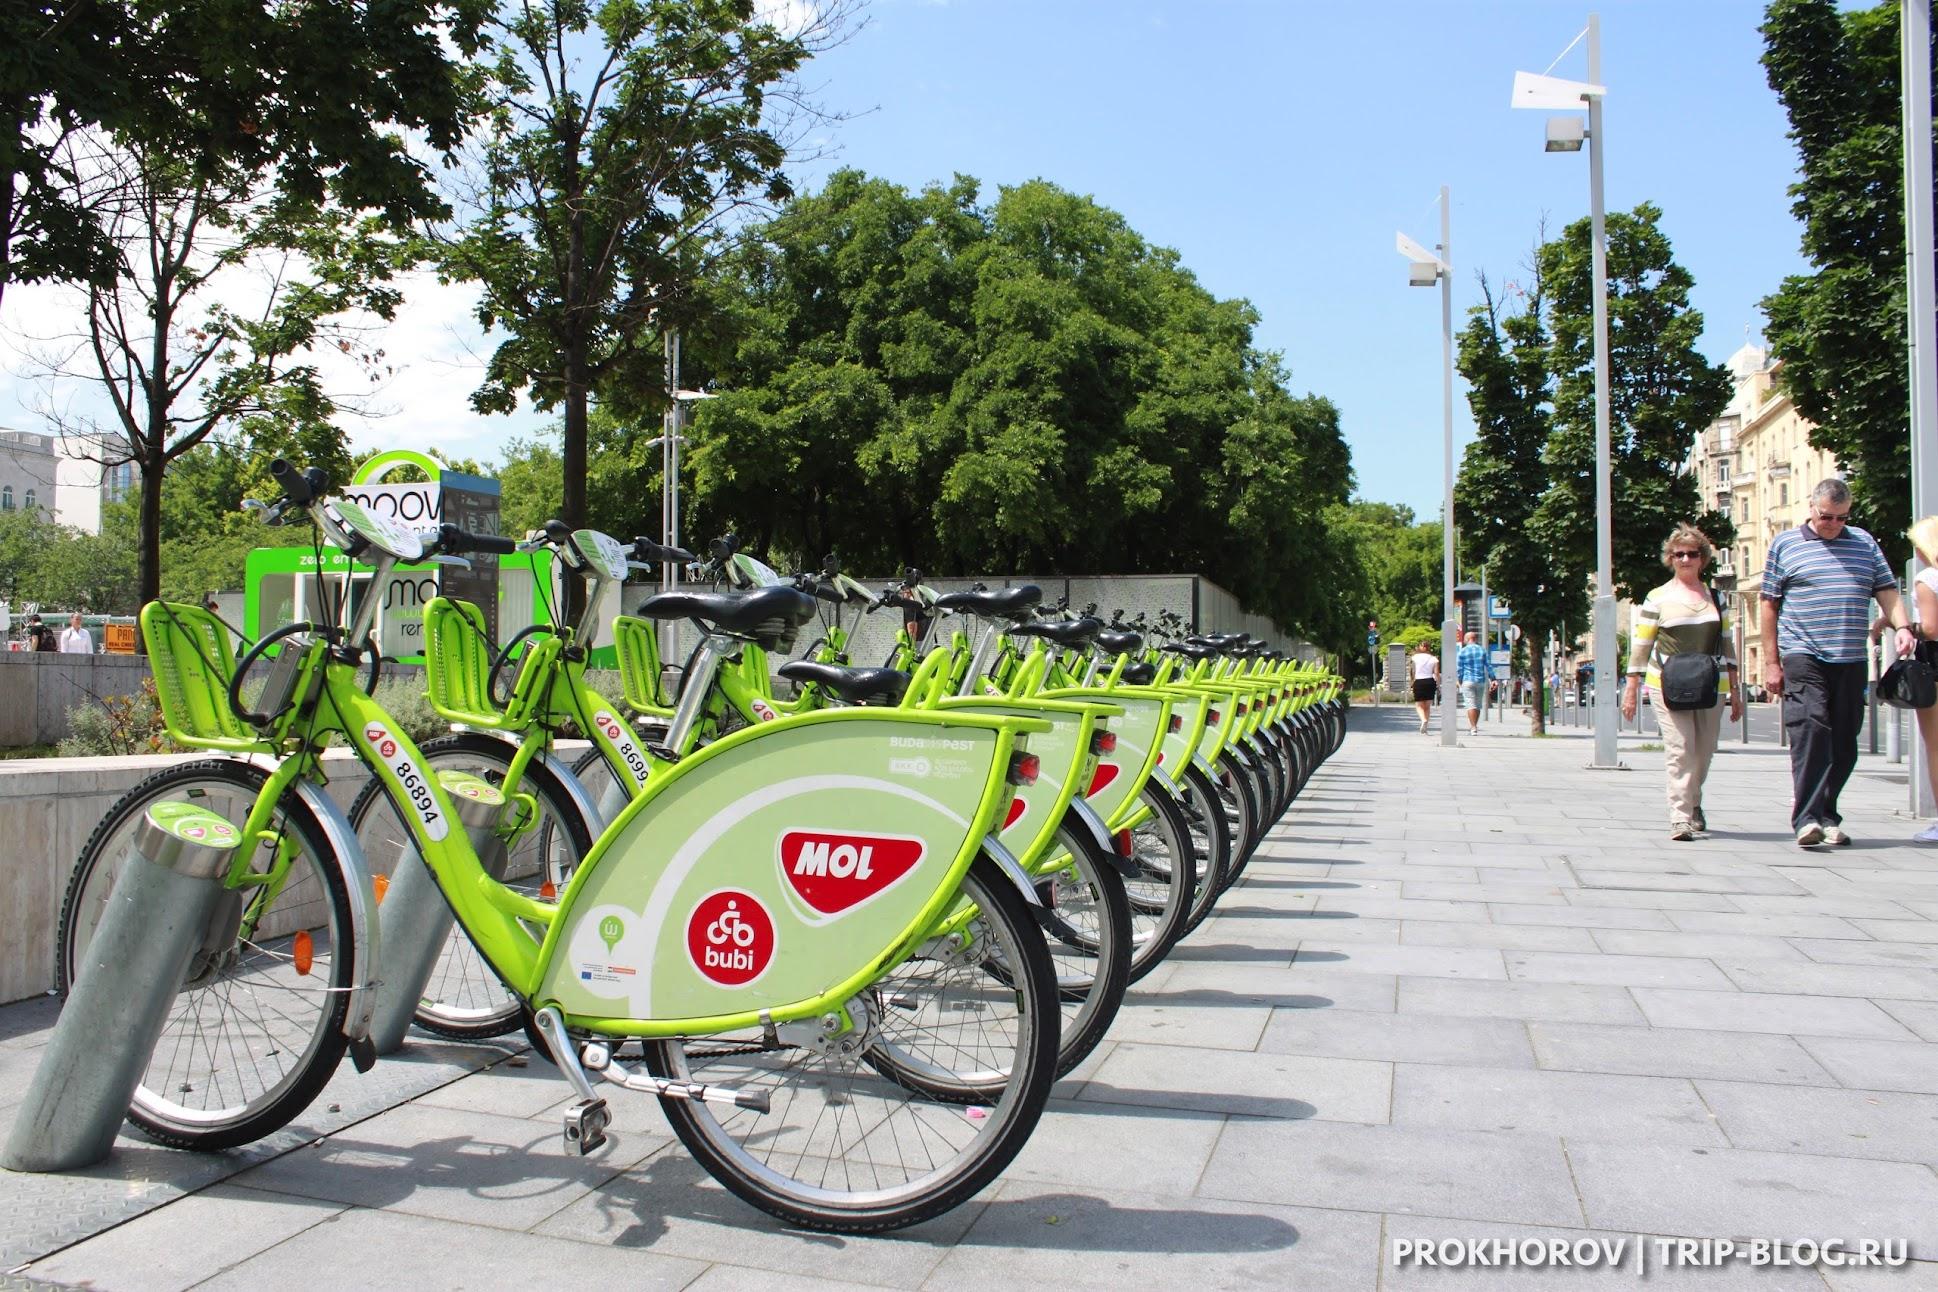 Прокат велосипедов в Будапеште